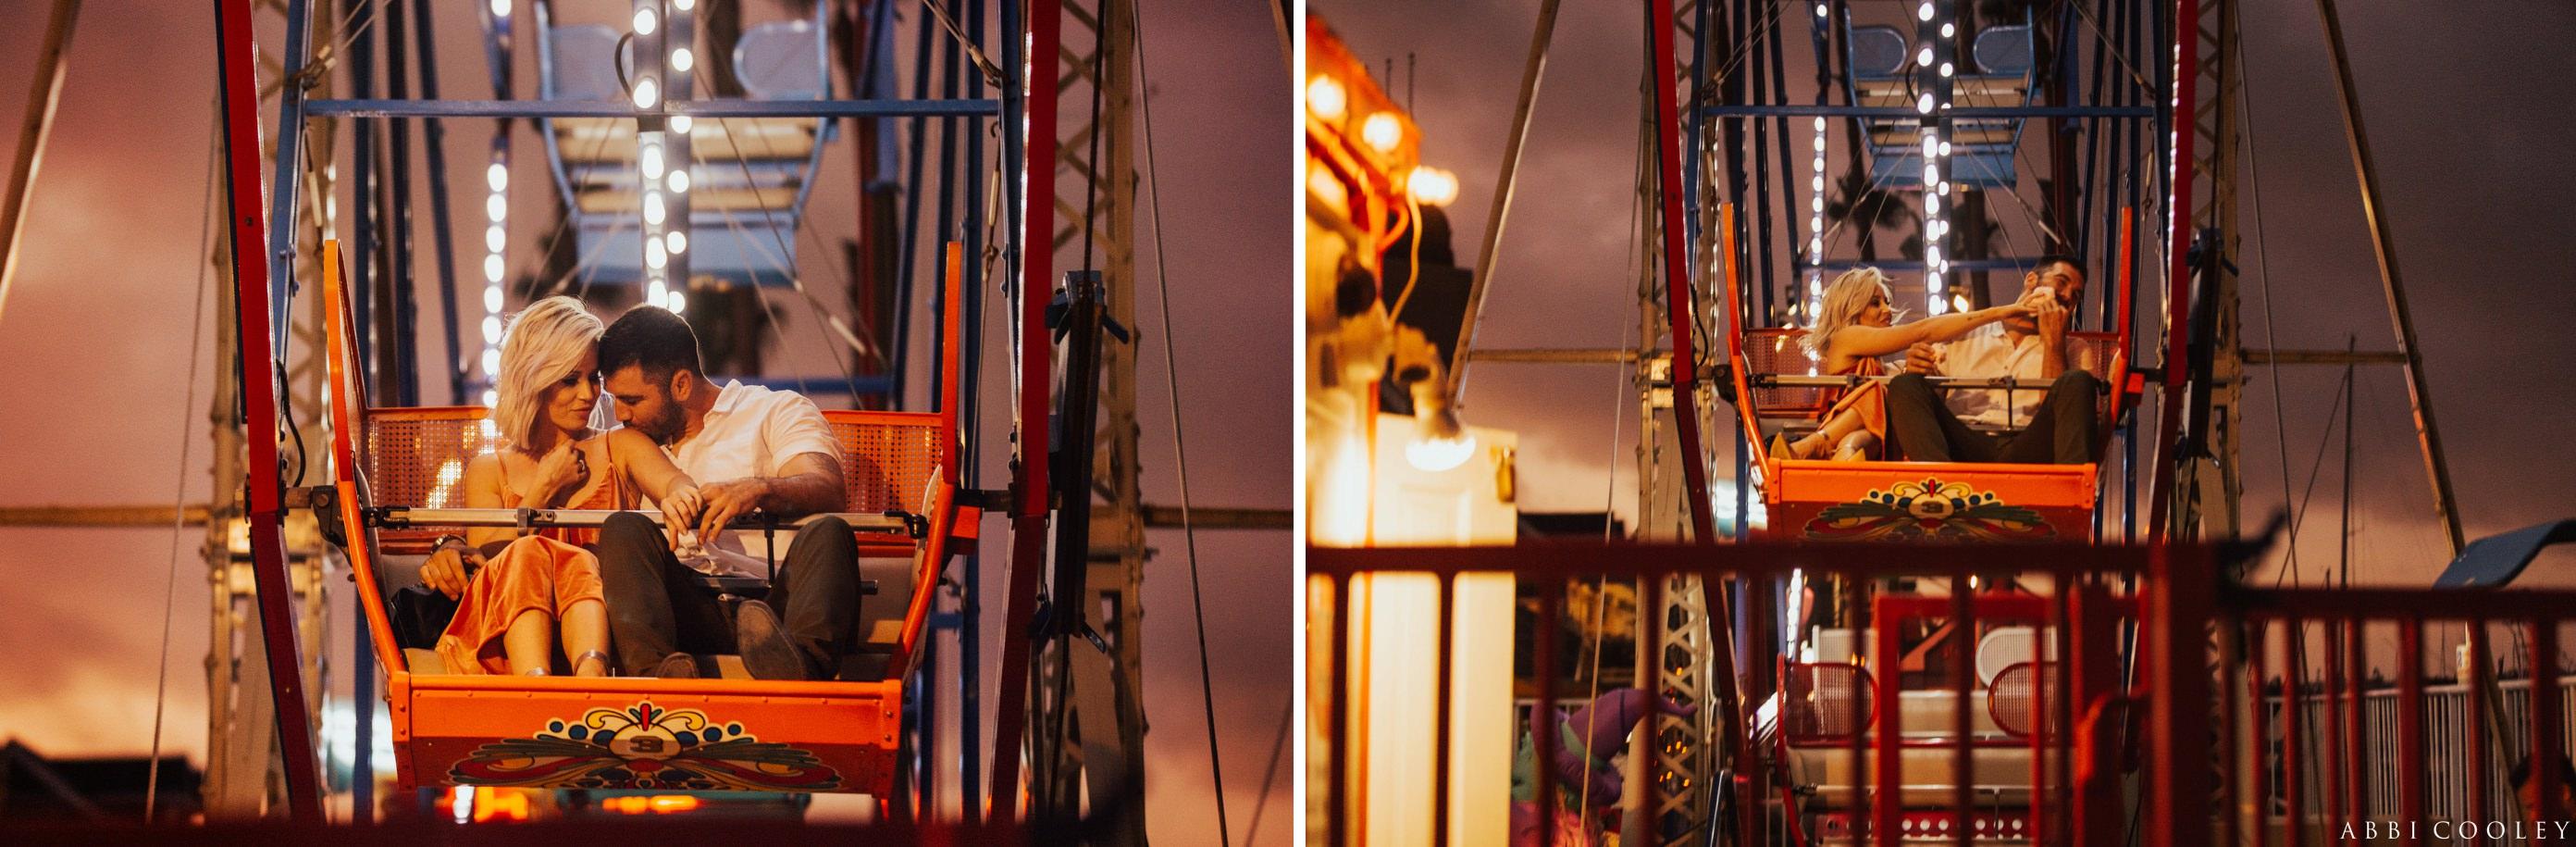 Ferris wheel engagement photos Balboa Island Engagement Shoot